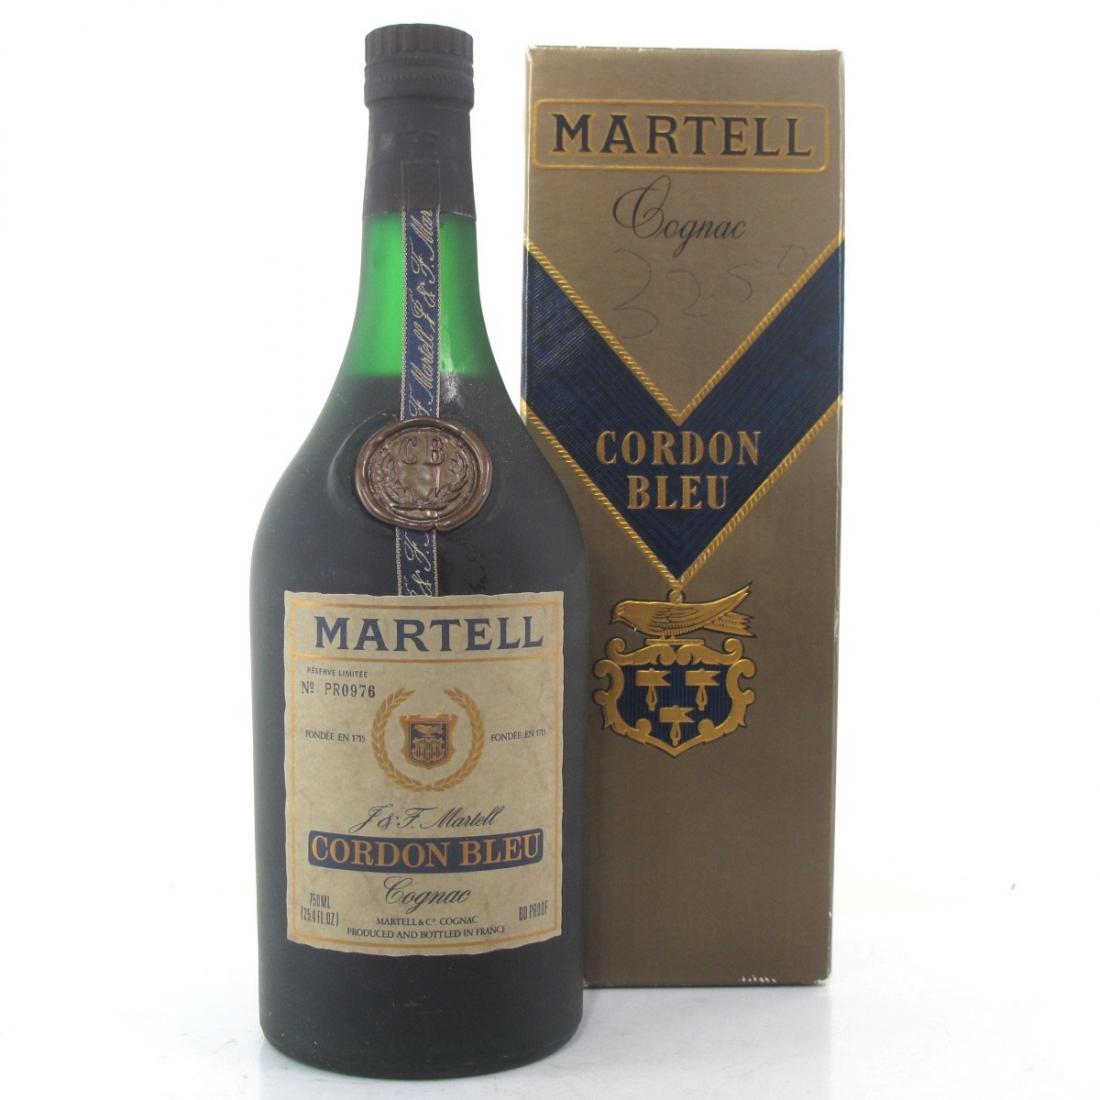 Martell Cordon Bleu Cognac 1970s